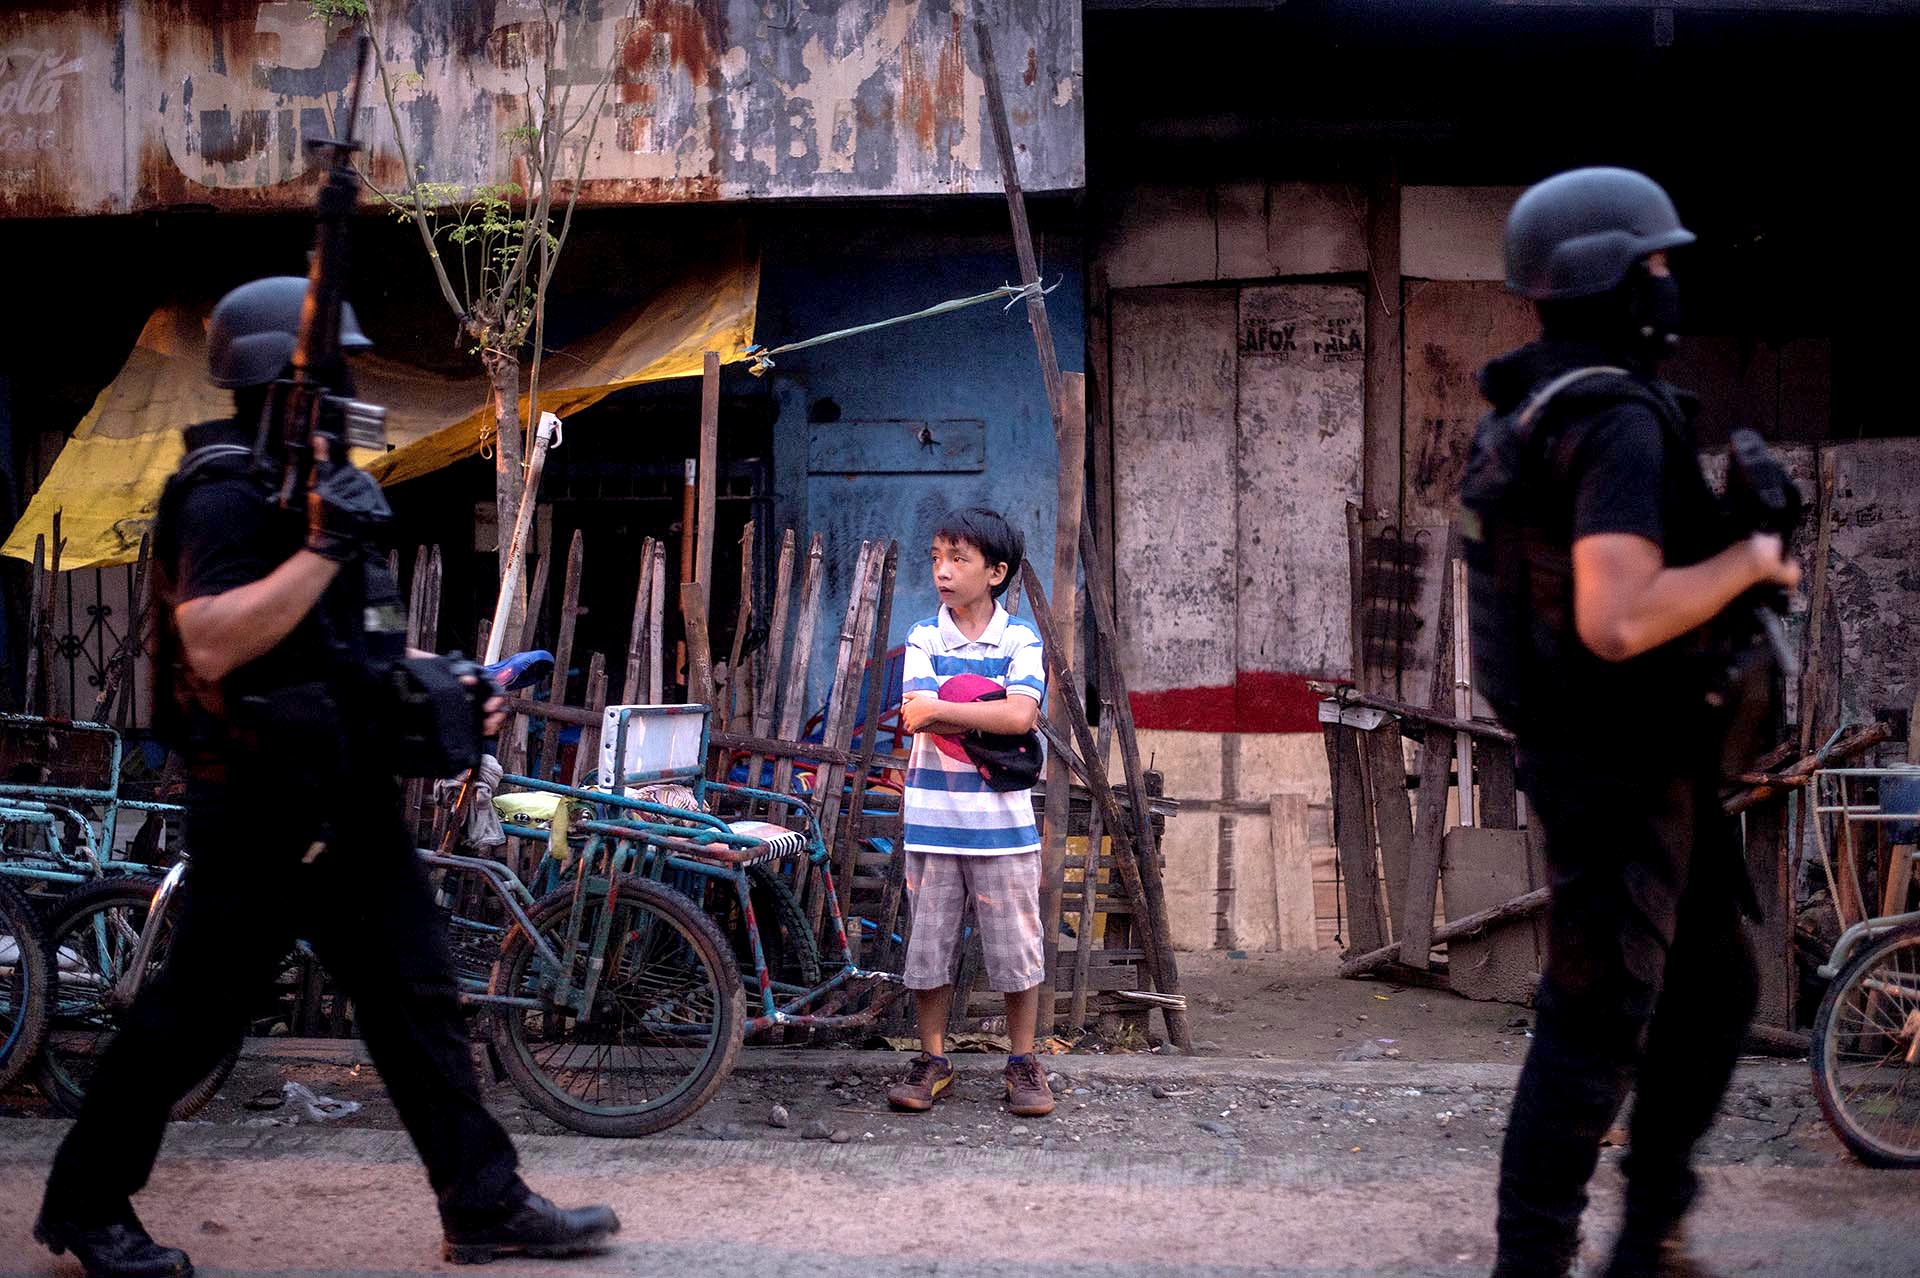 Miembros del equipo SWAT de Filipinas patrullan un barrio de la ciudad de Iligan donde viven temporalmente los evacuados de la ciudad de Marawi